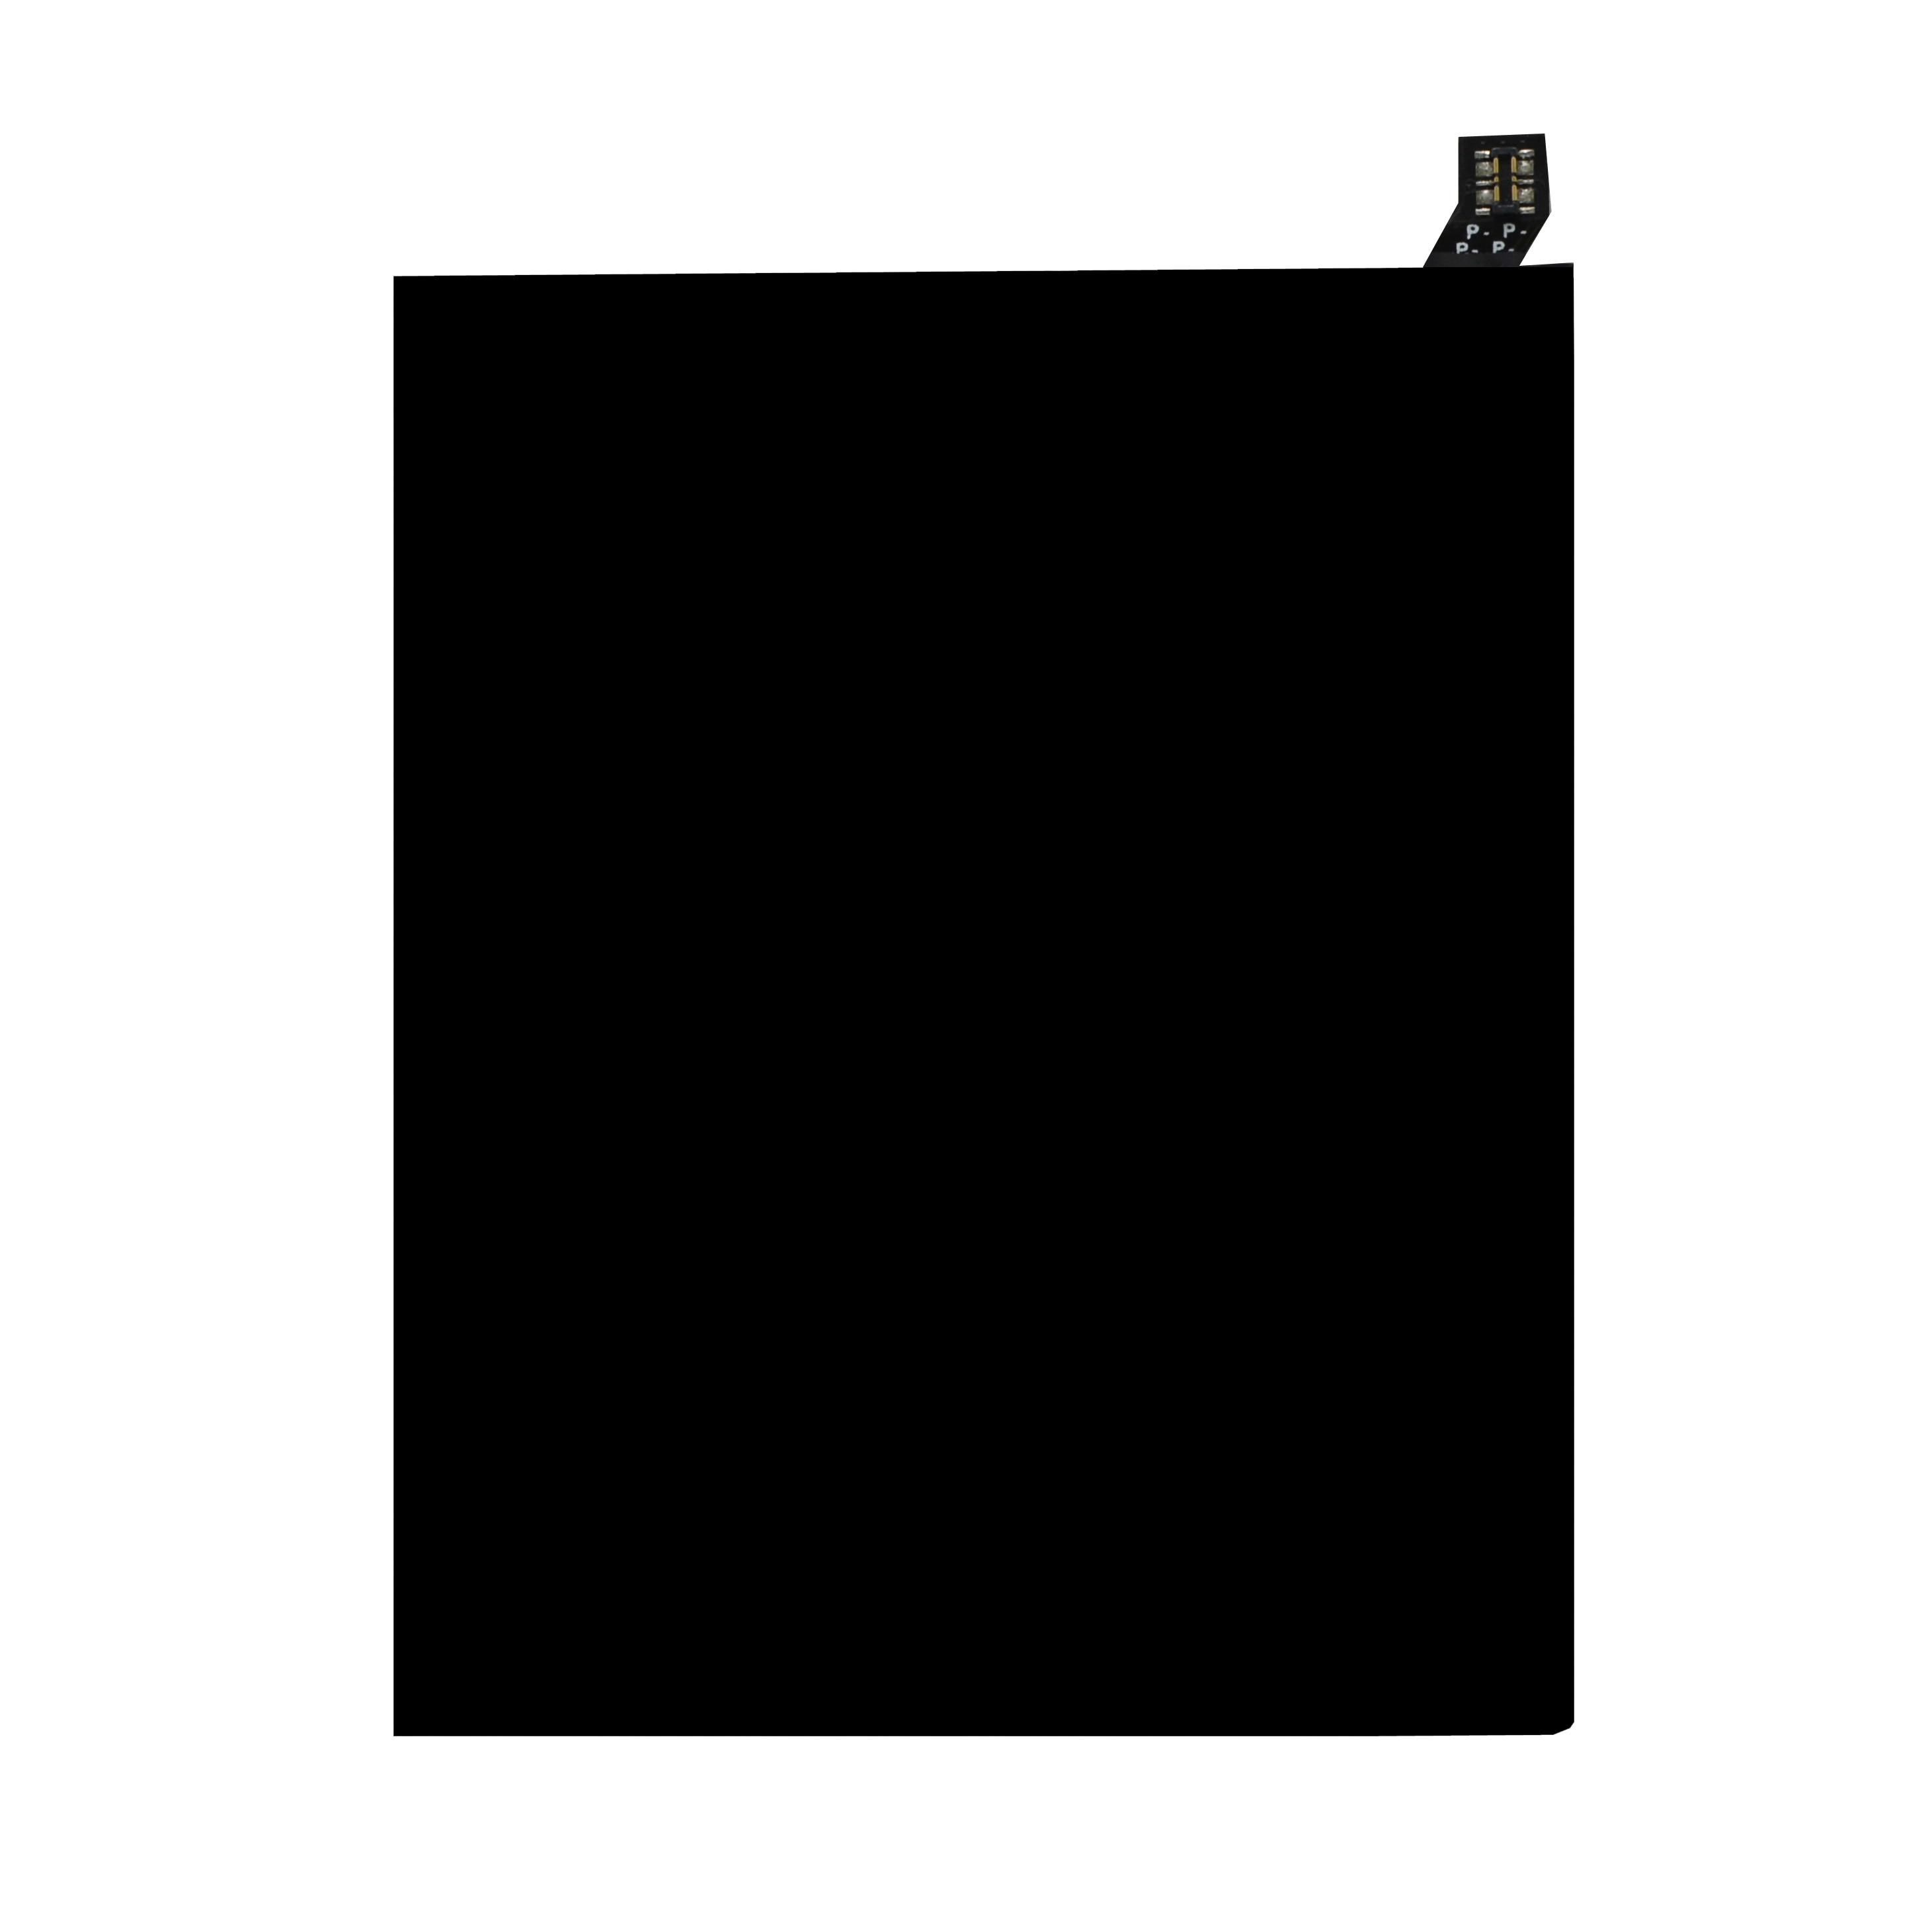 20pcs/lot Battery BM37 For Xiaomi Mi 5S plus bm37 3800mAh Capacity Original Replacement Phone Batteries In Stock enlarge